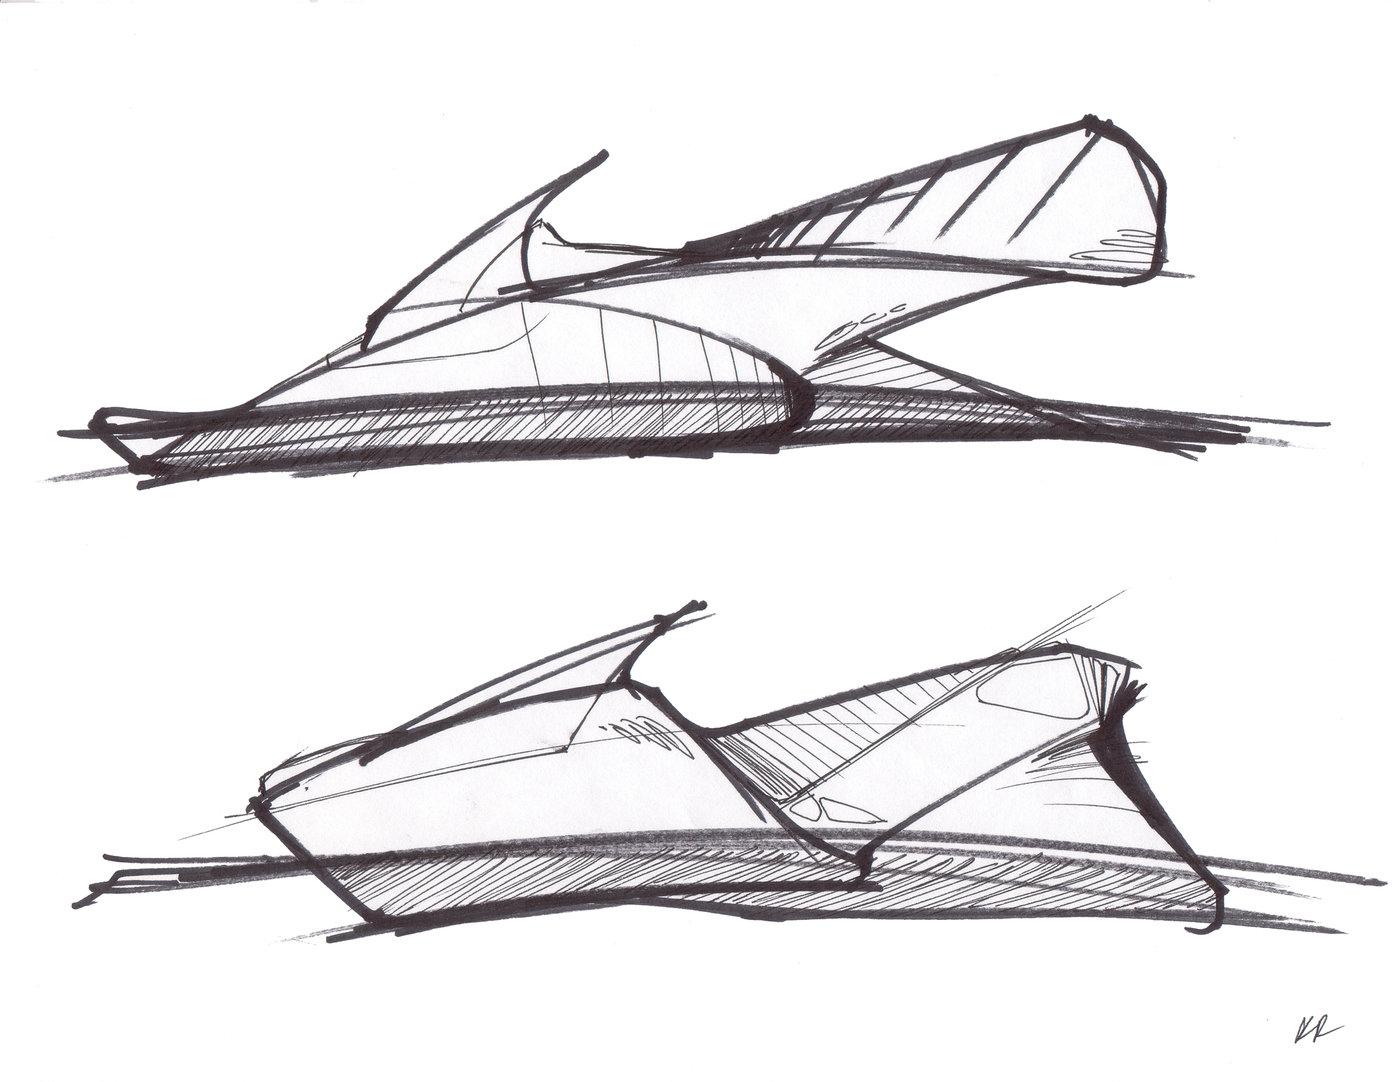 sketches by Ron Ruiz at Coroflot.com